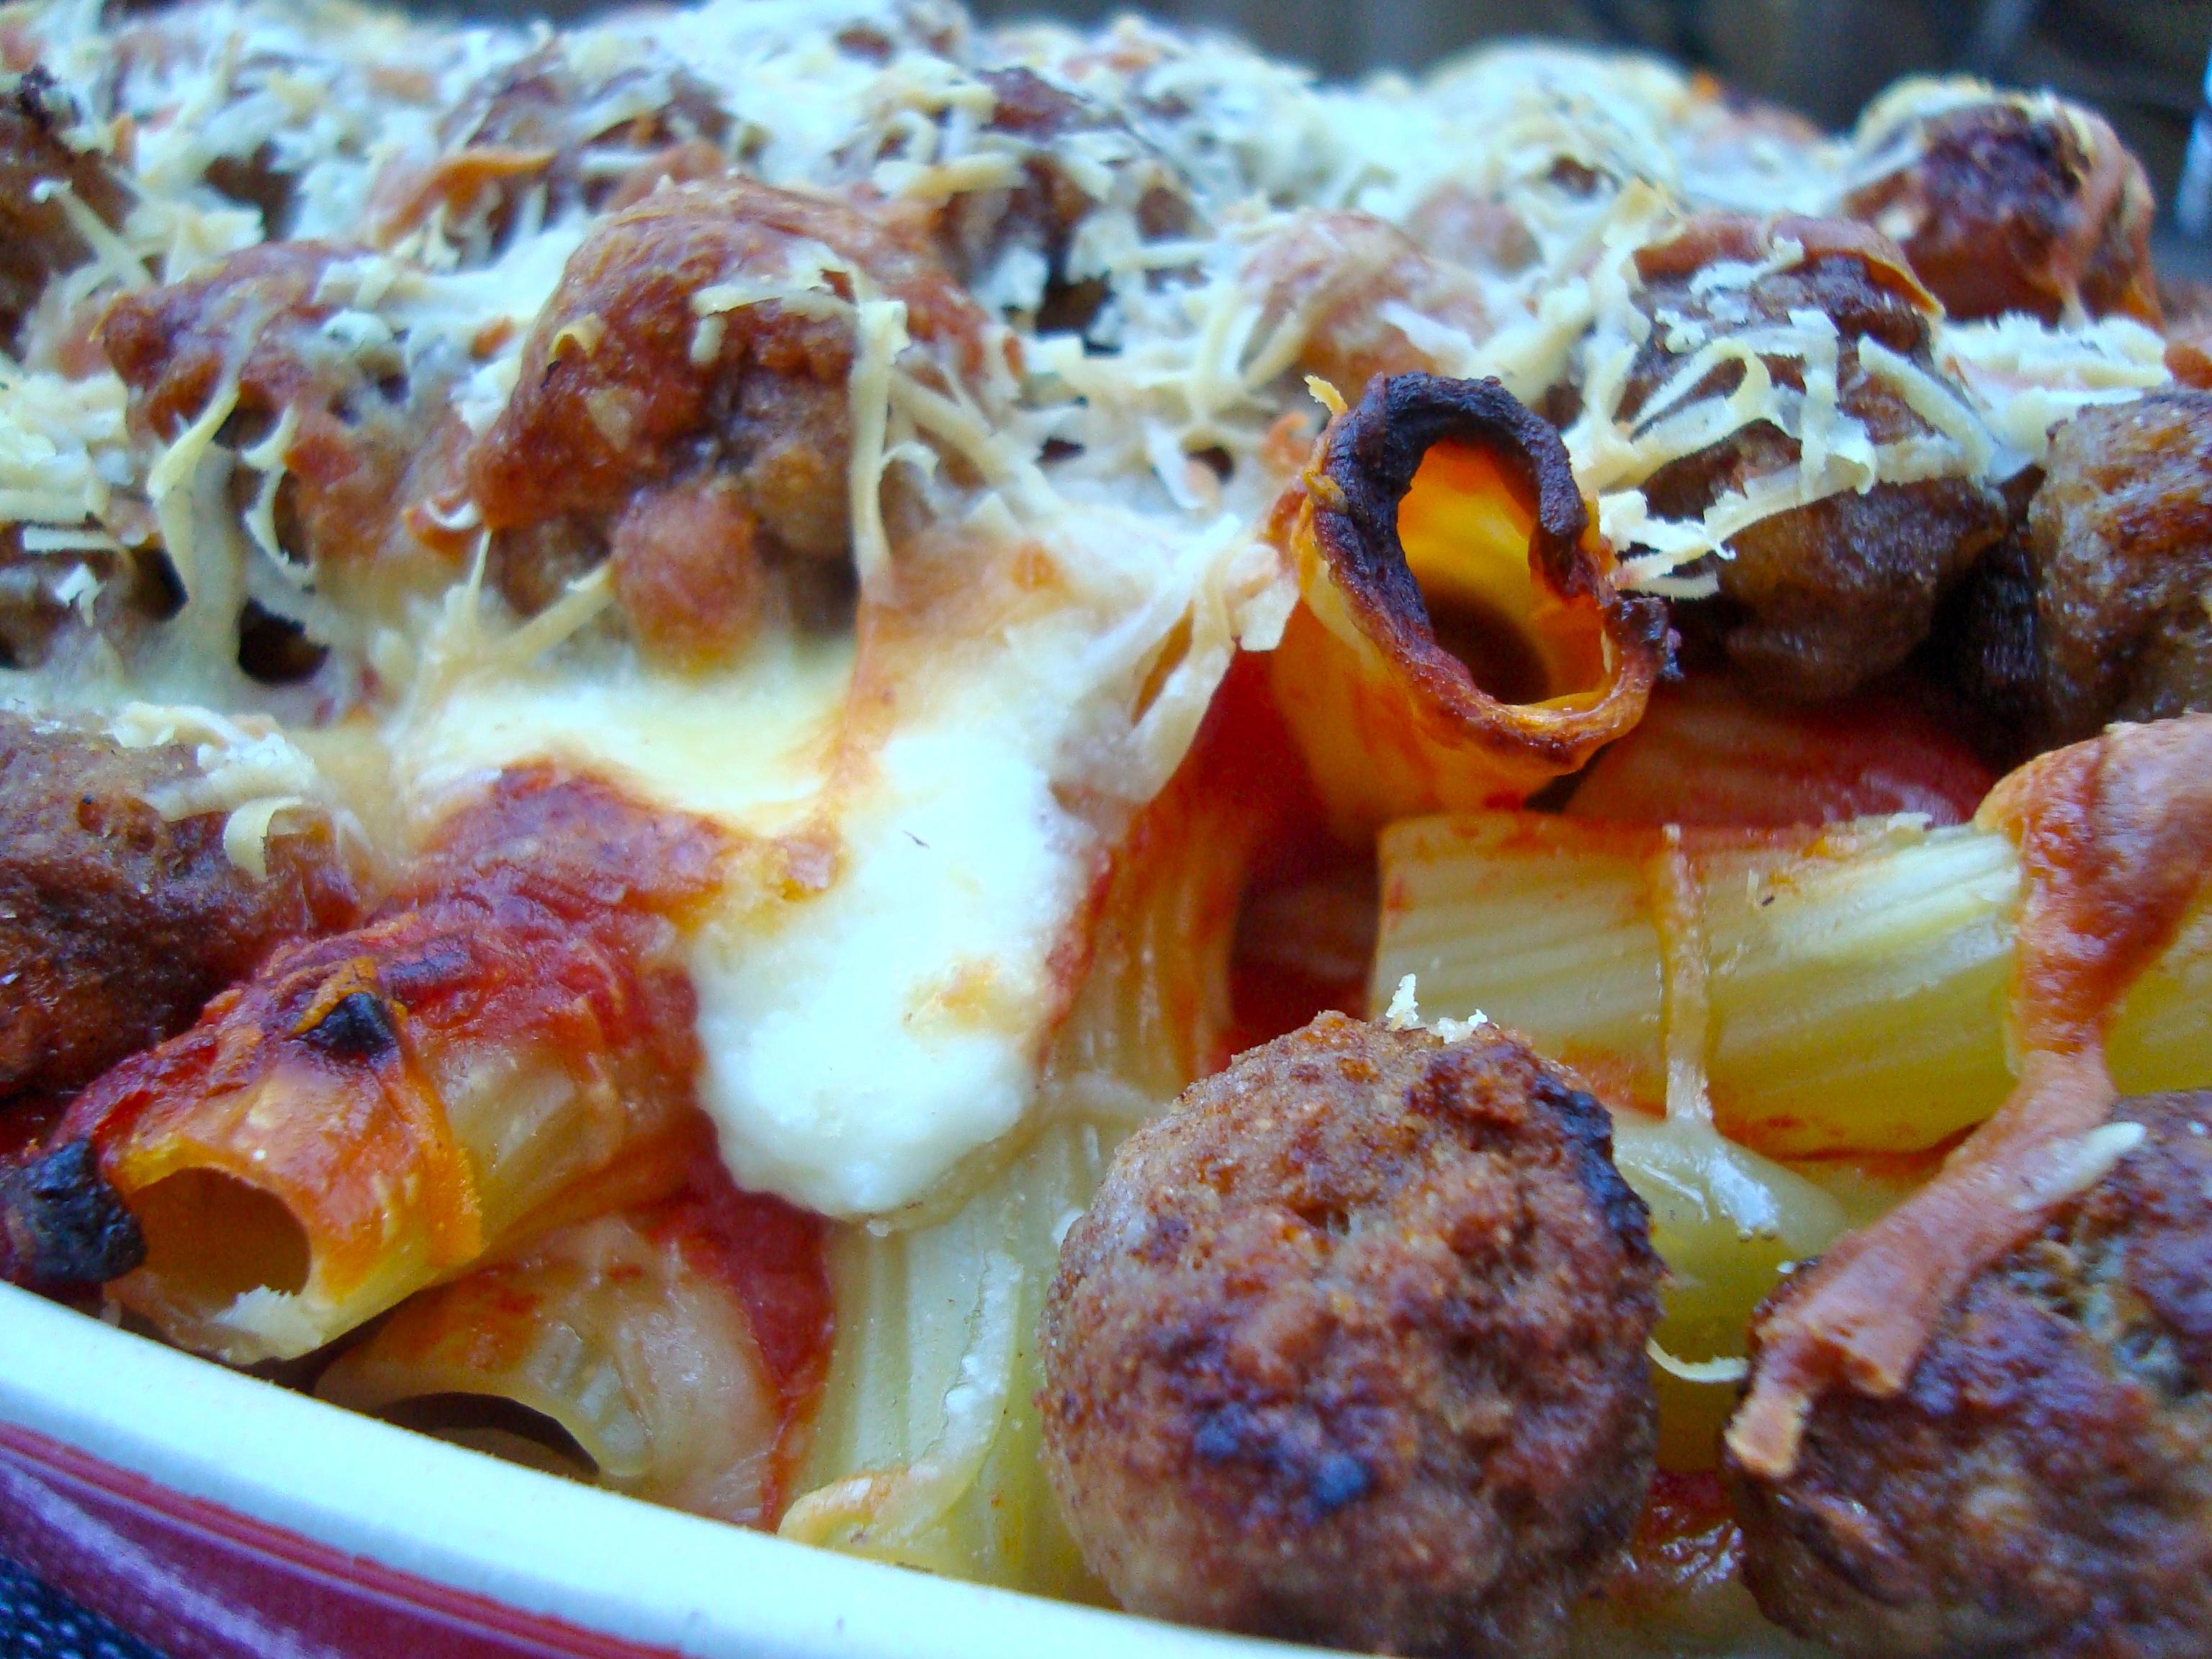 Though until last night, I'd never eaten pasta al forno con le ...